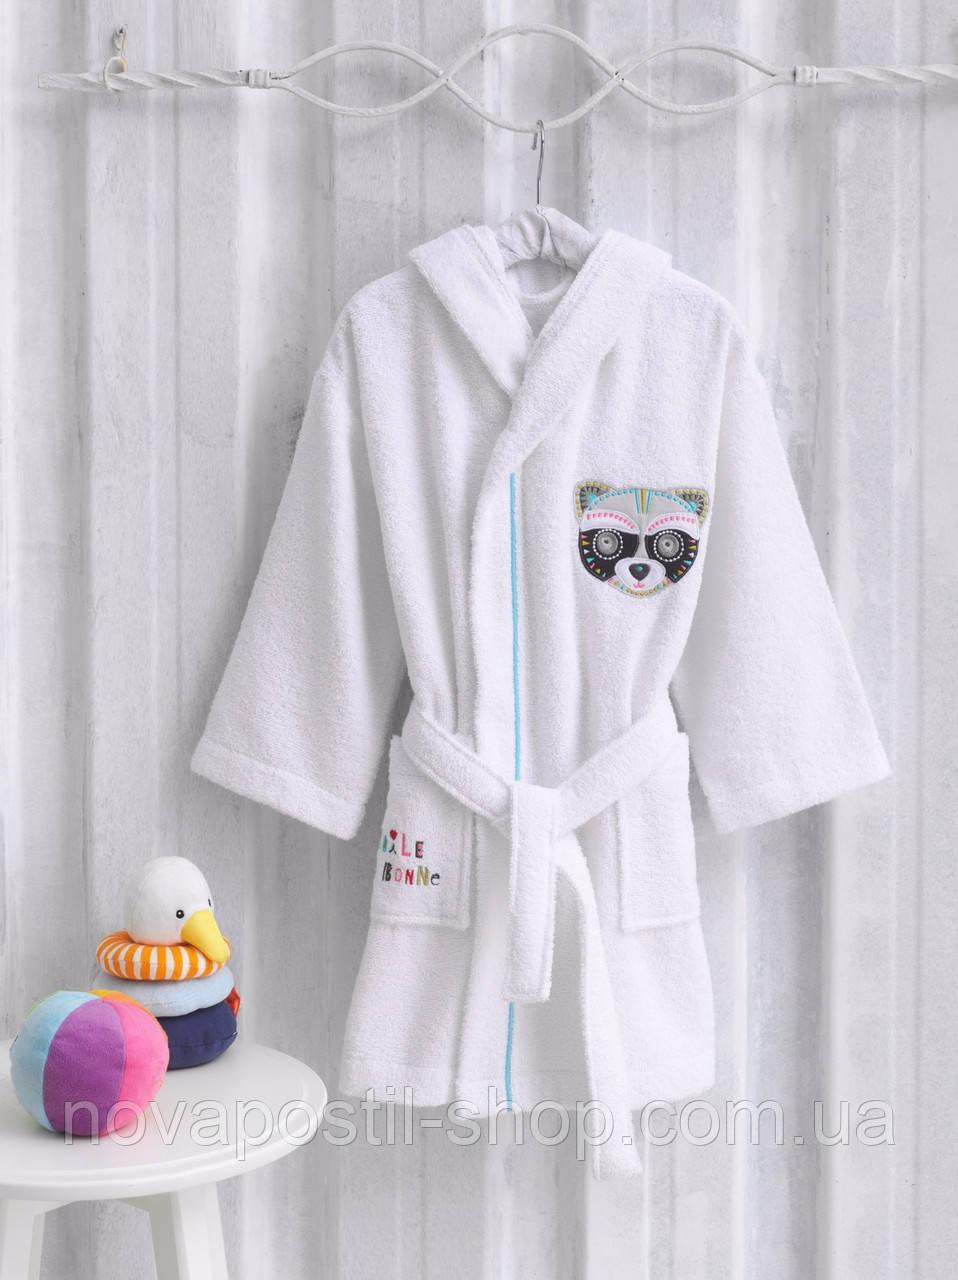 Детский банный халат MARIE CLAIRE RATON белый (9-10 лет)